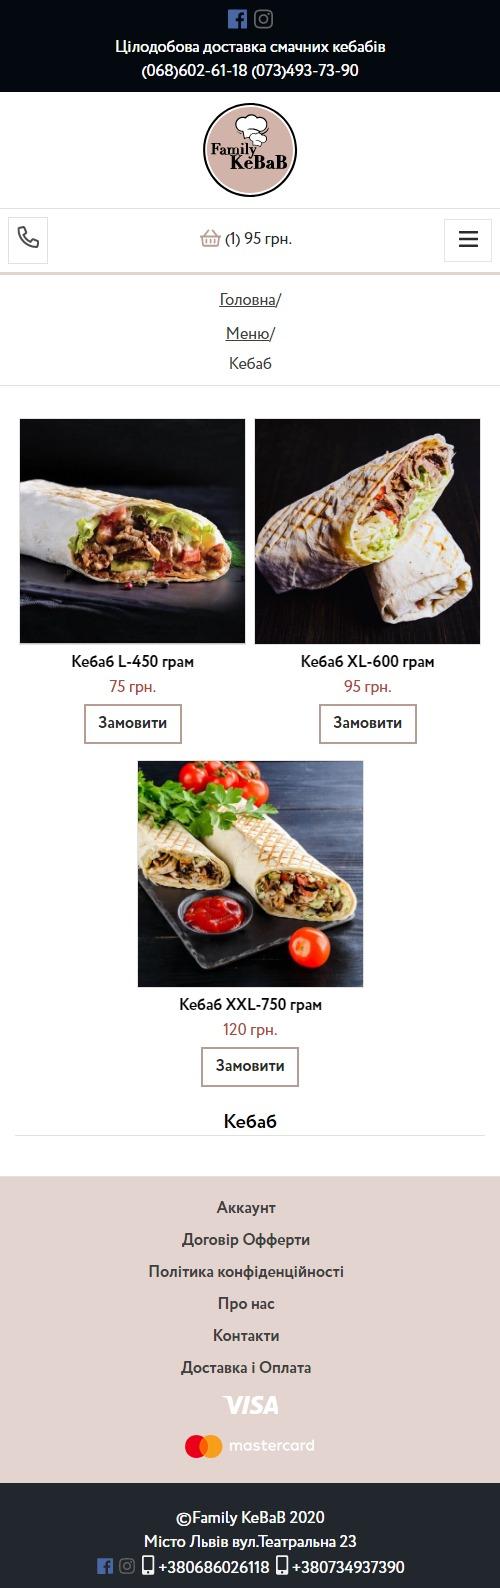 2020-familykebab-com-ua-11